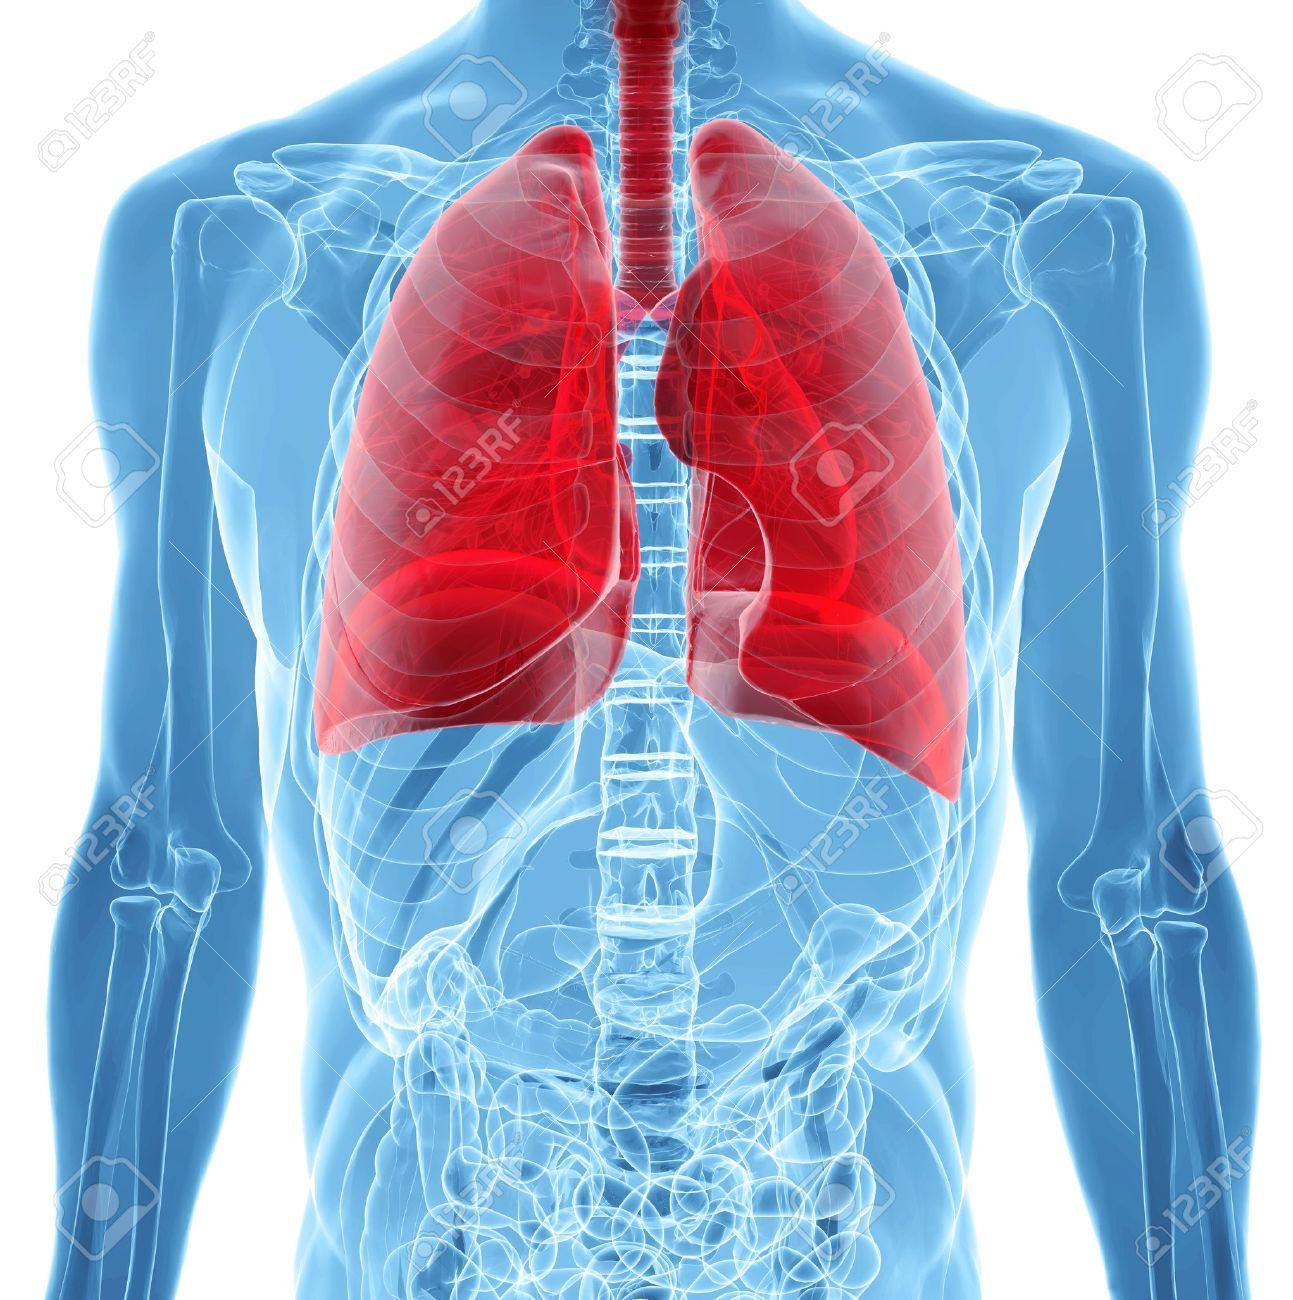 Anatomie Der Menschlichen Lunge In Der Röntgen-Blick Lizenzfreie ...